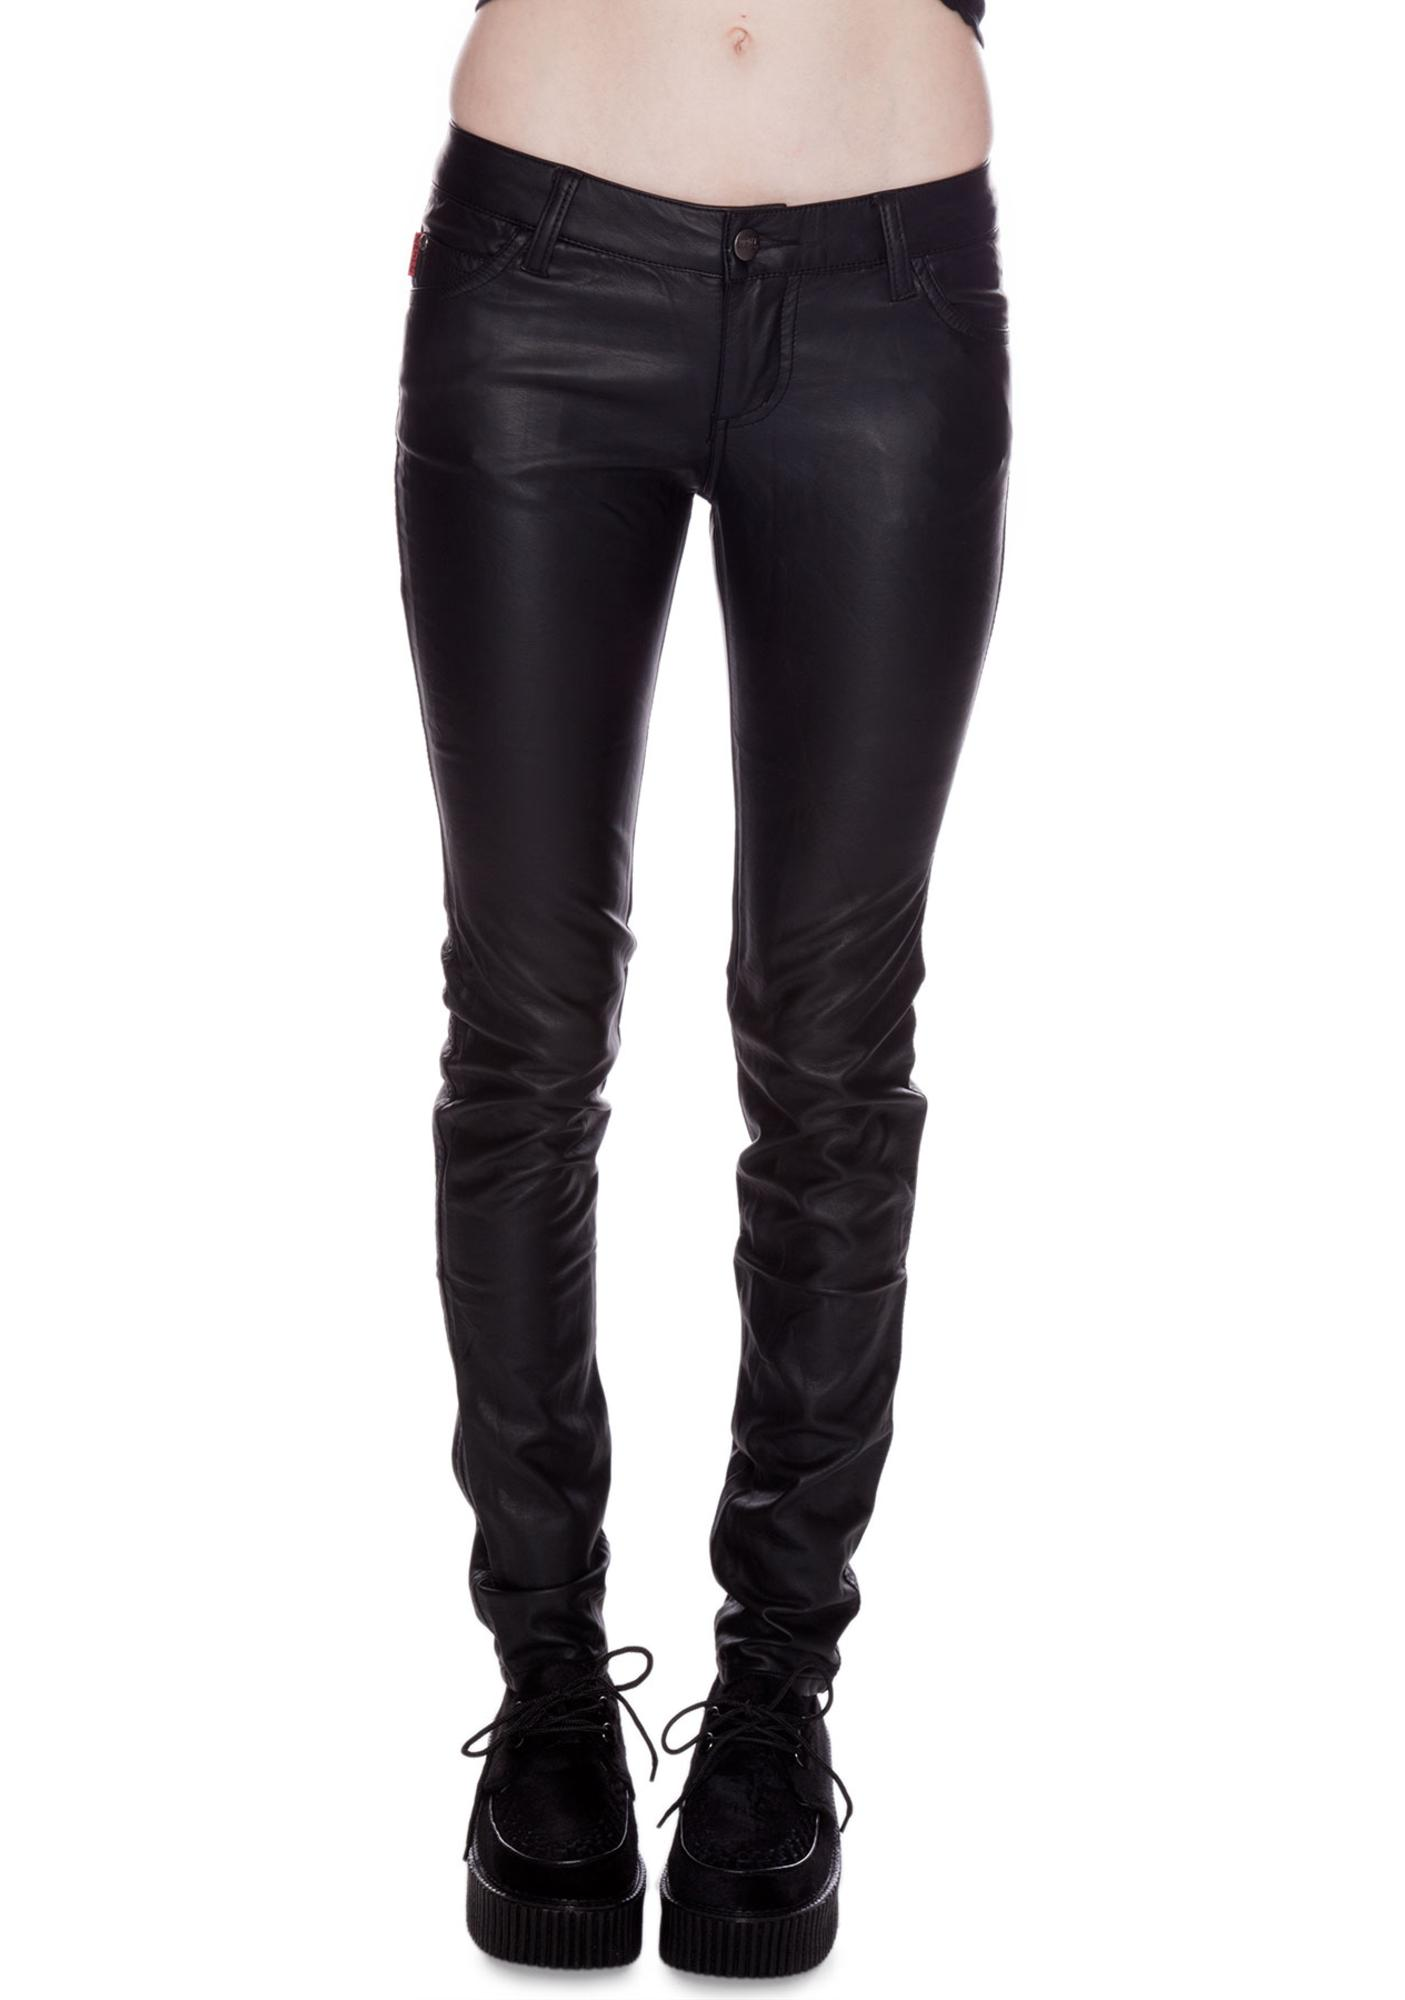 Tripp NYC Deville Jeans